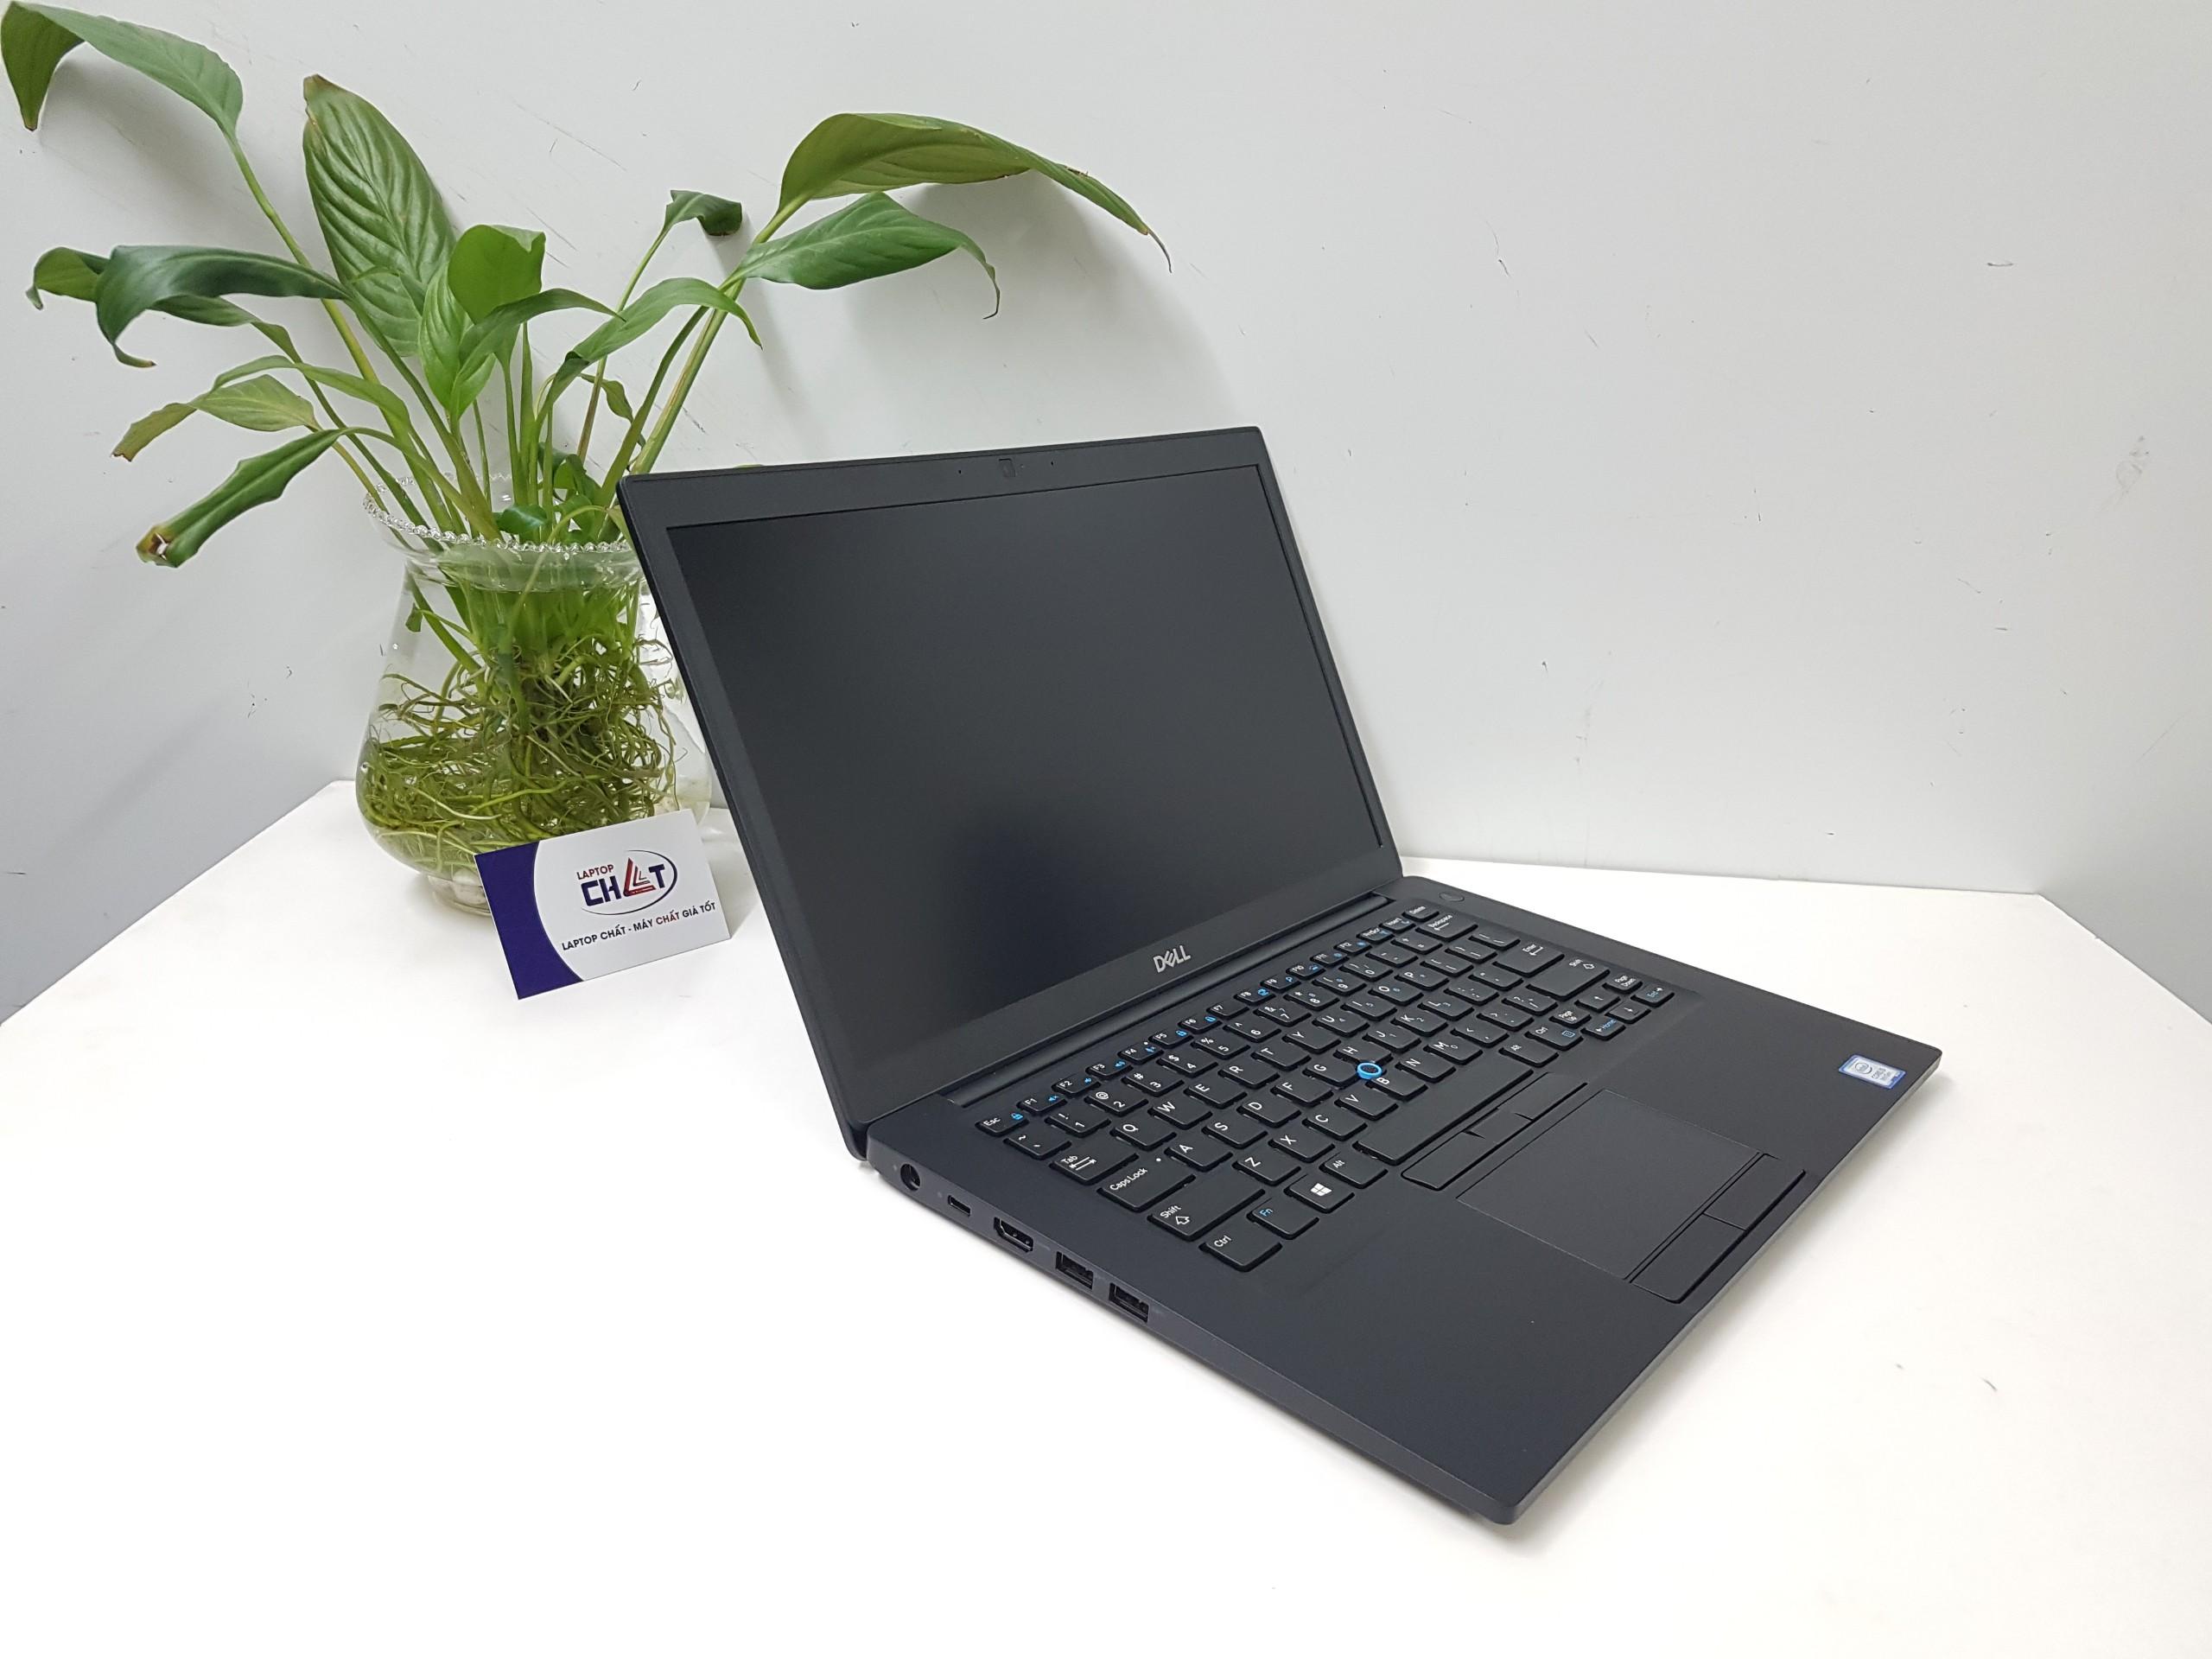 Dell latitude 7490-1